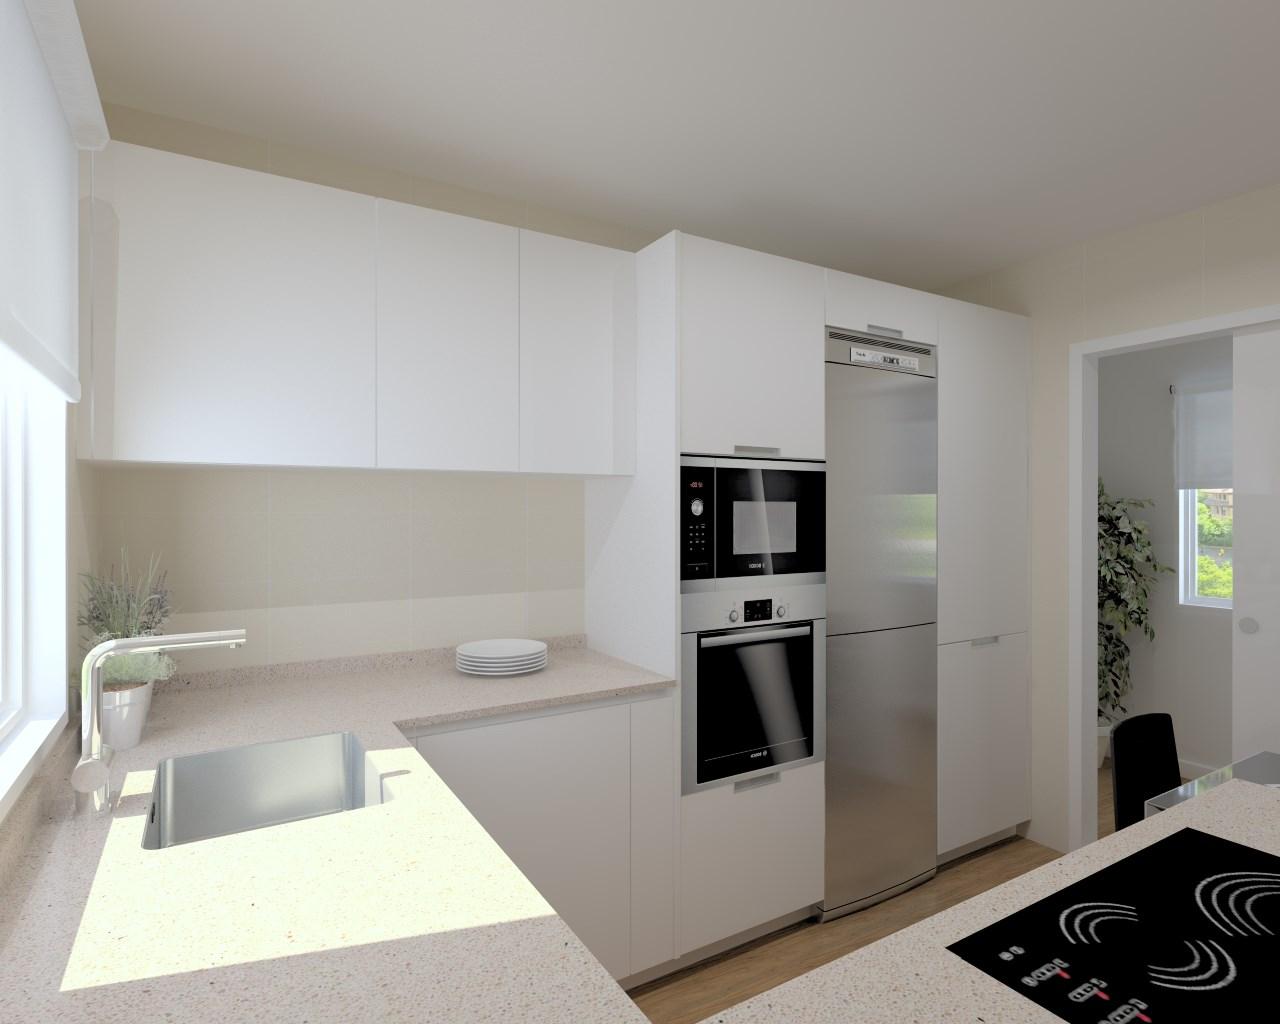 Cocinas santos modelo line laminado seda blanco encimera - Mesas de cocina de silestone ...